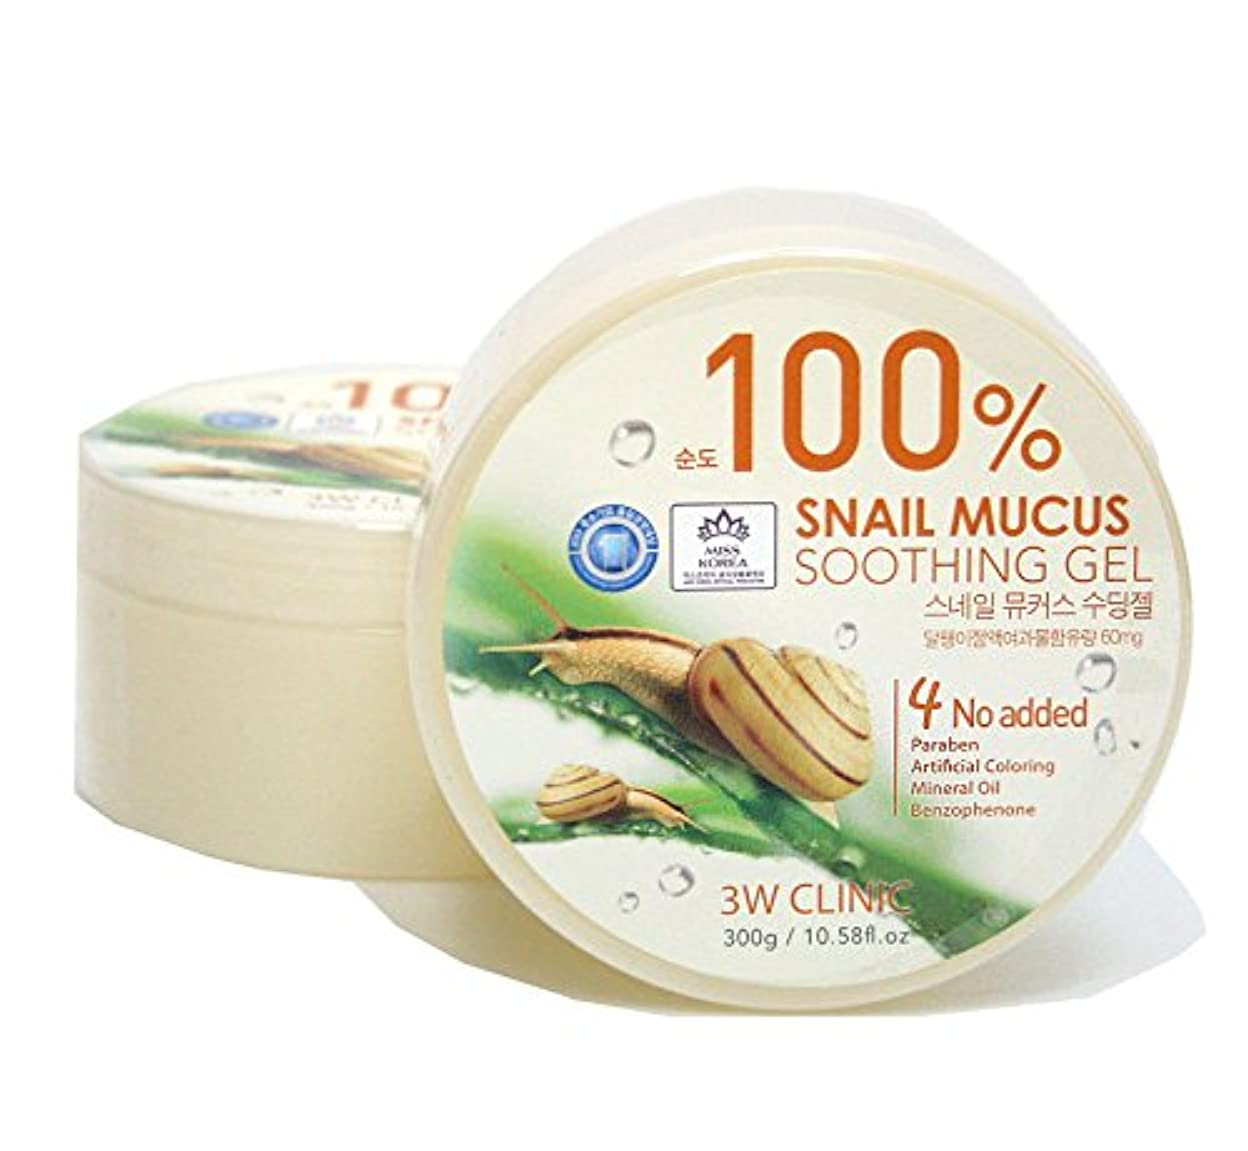 漏斗円形のまさに[3W CLINIC] カタツムリ粘液スージングジェル300g / Snail Mucus Soothing Gel 300g / 水分/オールスキンタイプ / Moisture / fresh and smooth /...